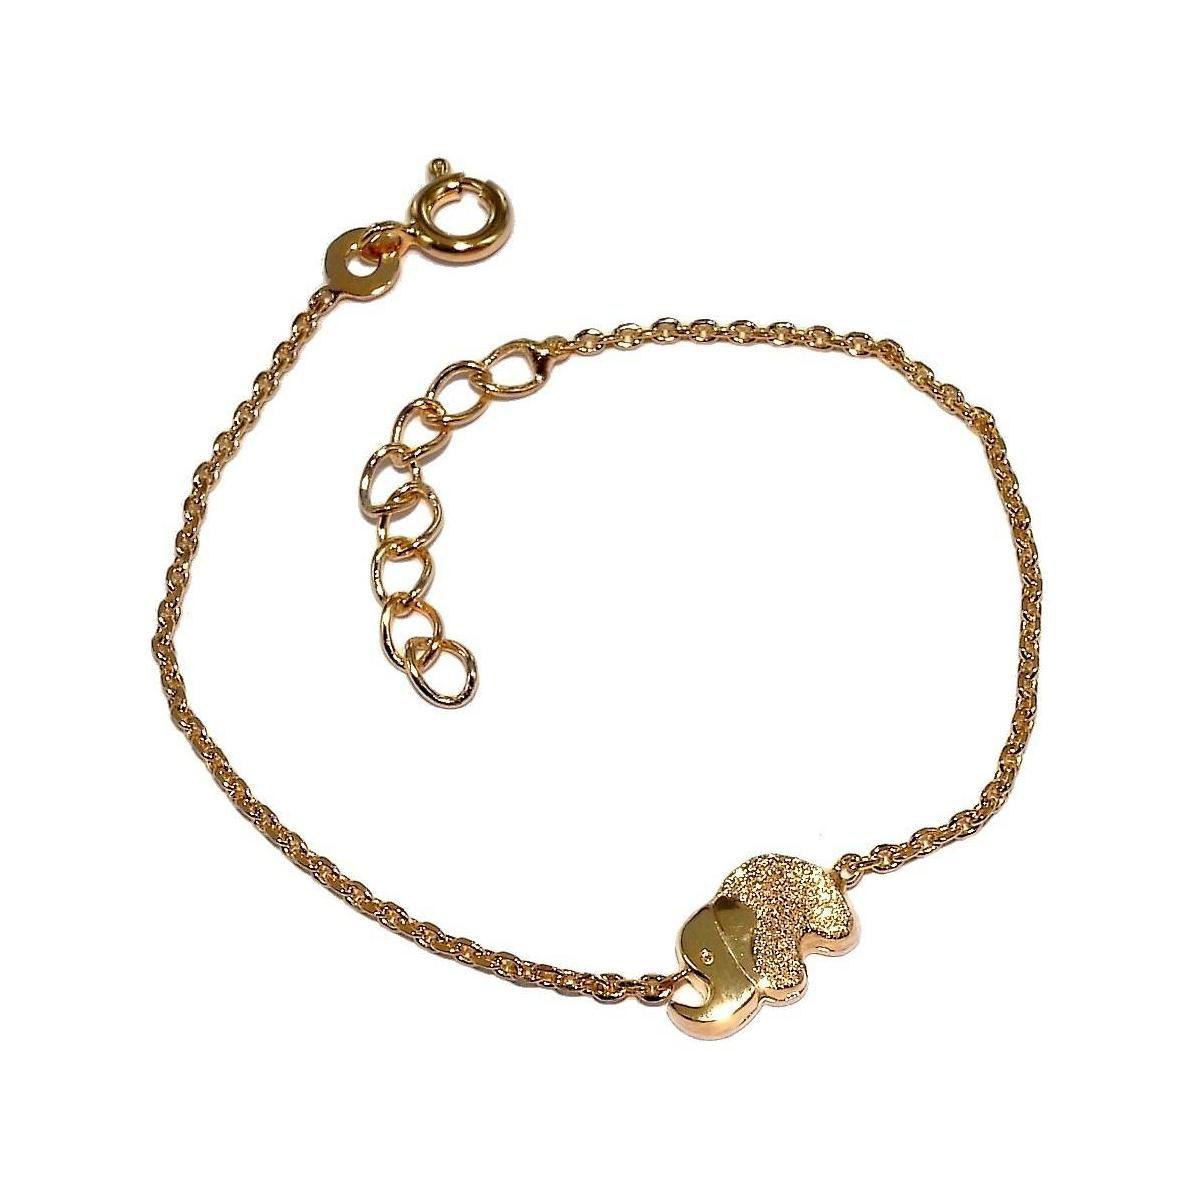 bracelet pour enfant en plaqu or et zircon pour femme cr ation les perles de v nus elephant. Black Bedroom Furniture Sets. Home Design Ideas